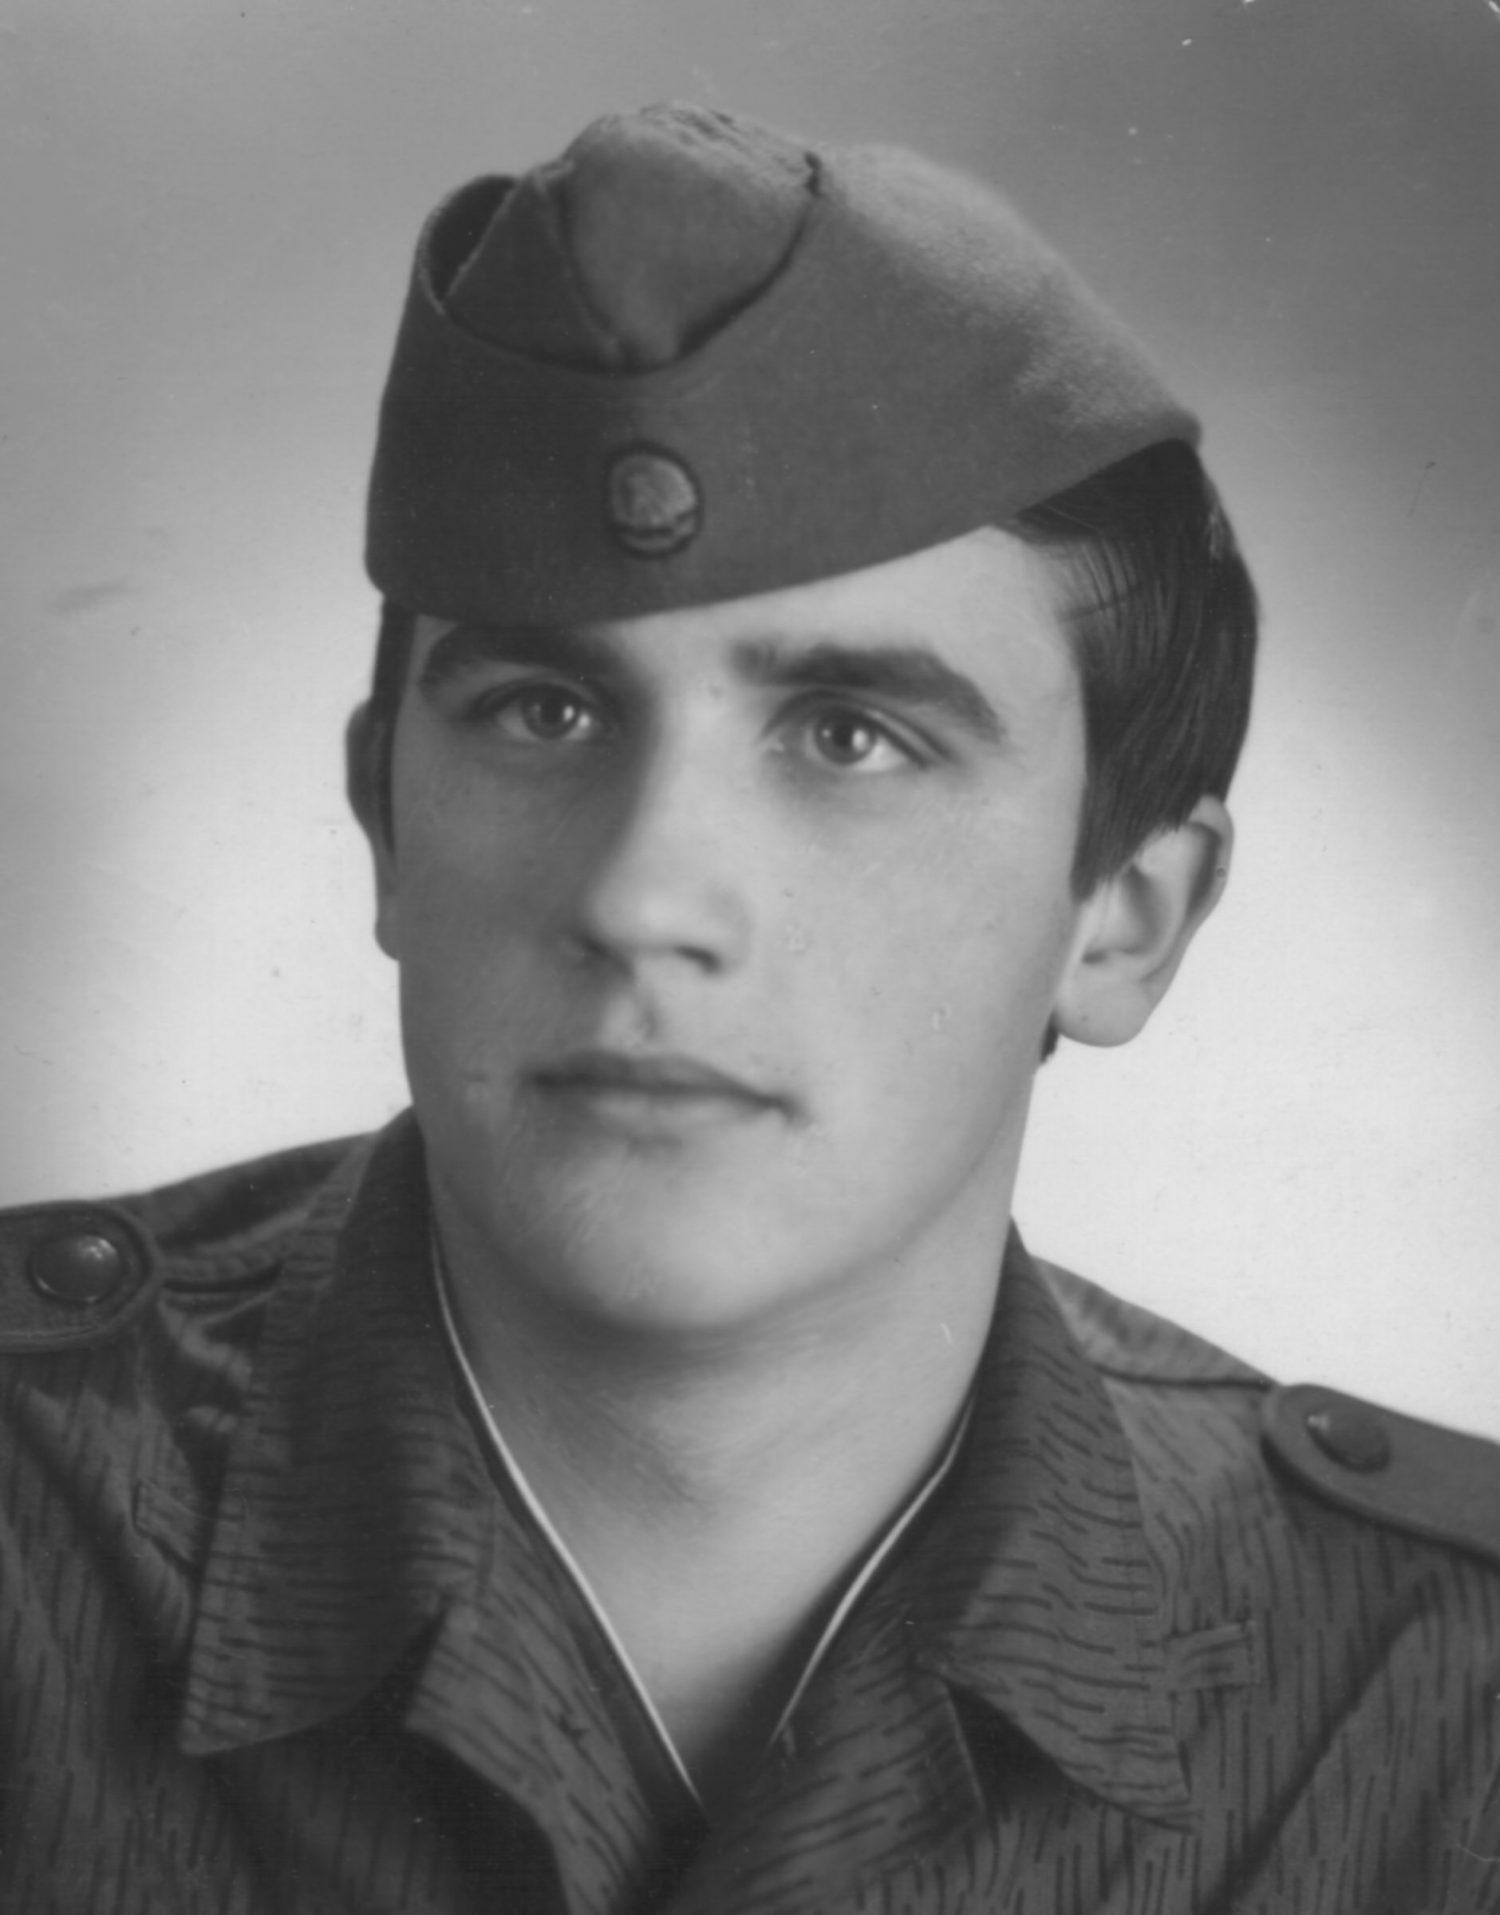 Rudi Siegmund im alter von 18 Jahren als Soldat der Nationalen Volksarmee.